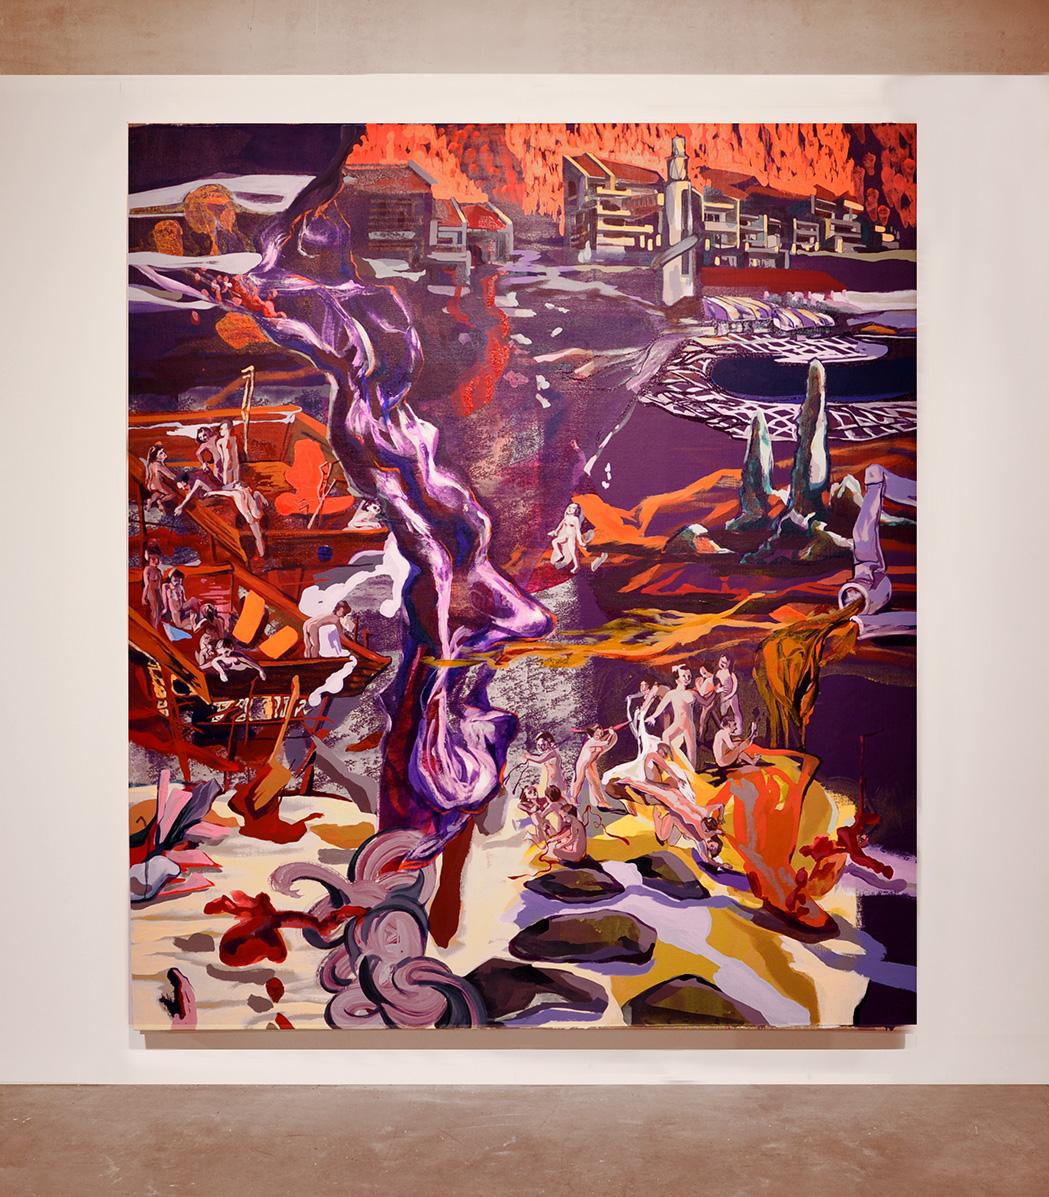 acrylic on canvas, 217 x 191 cm